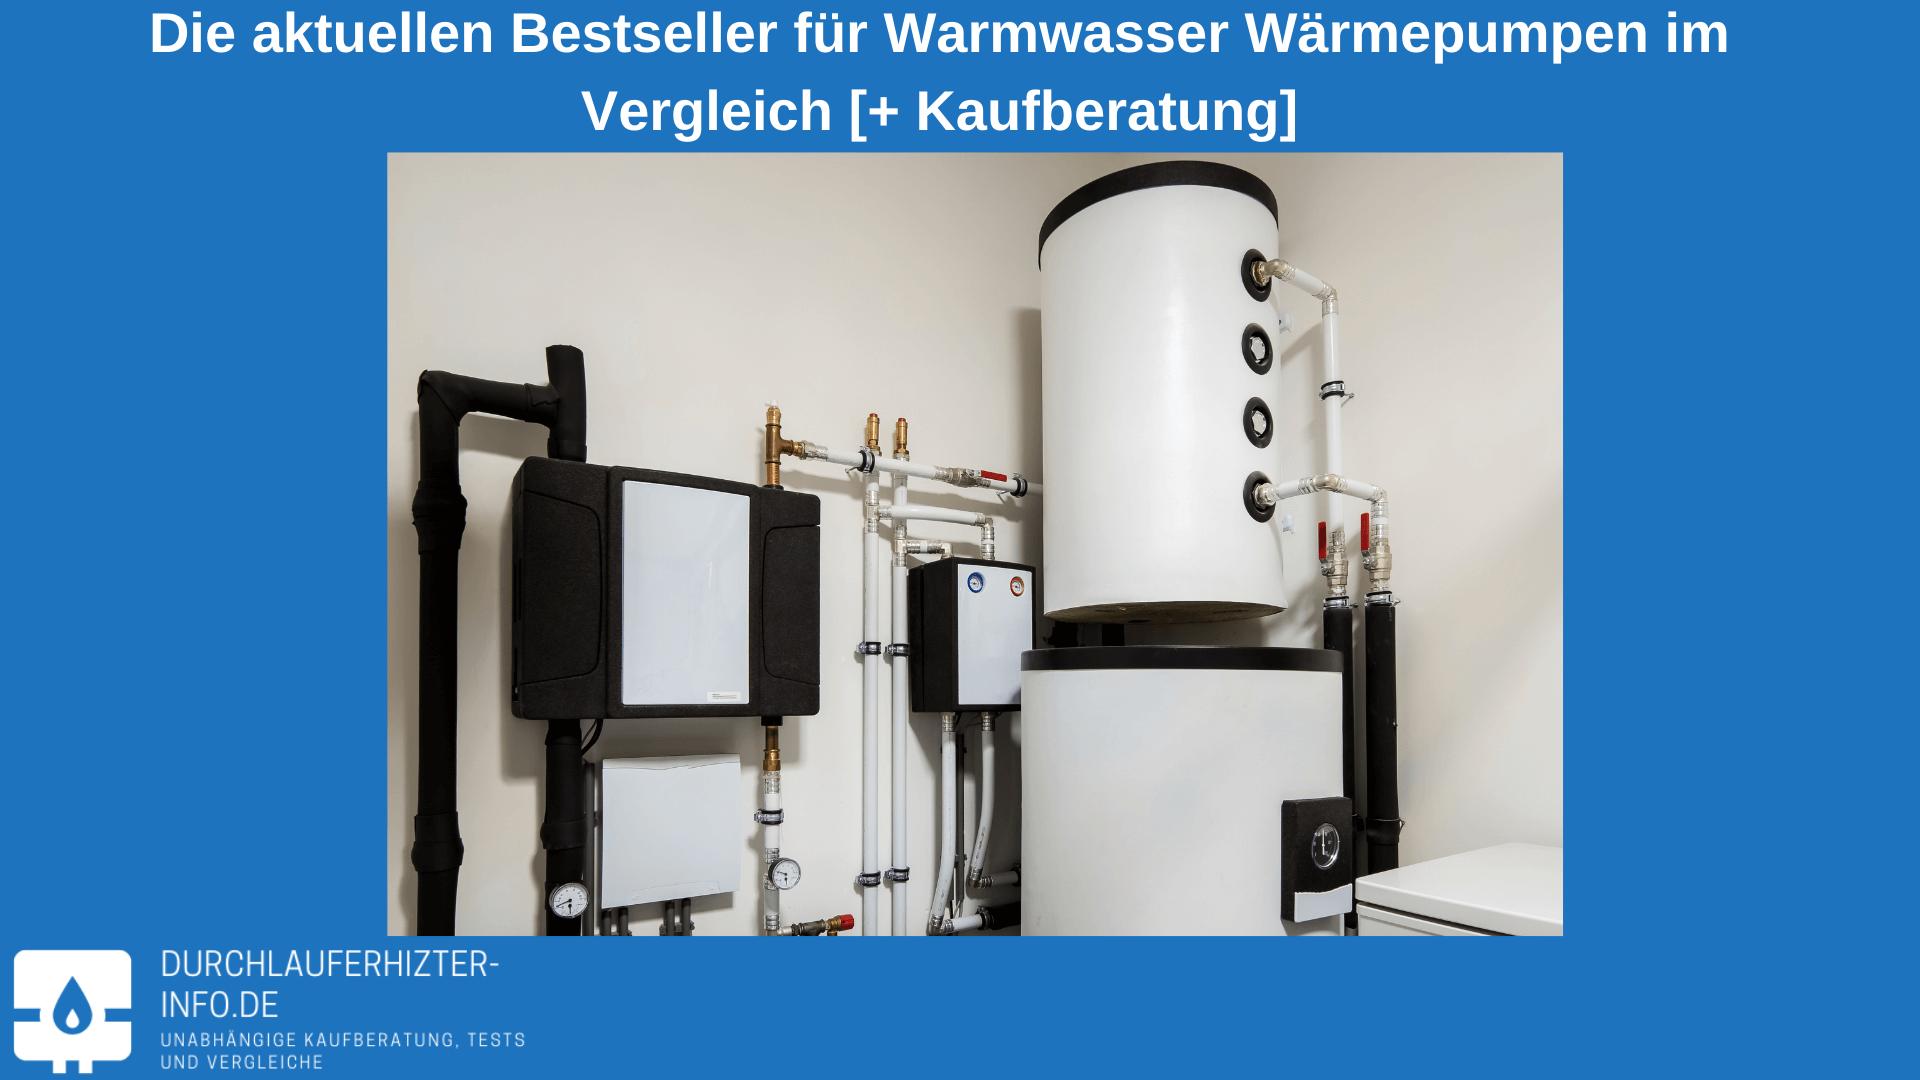 warmwasser waermepumpe test bild